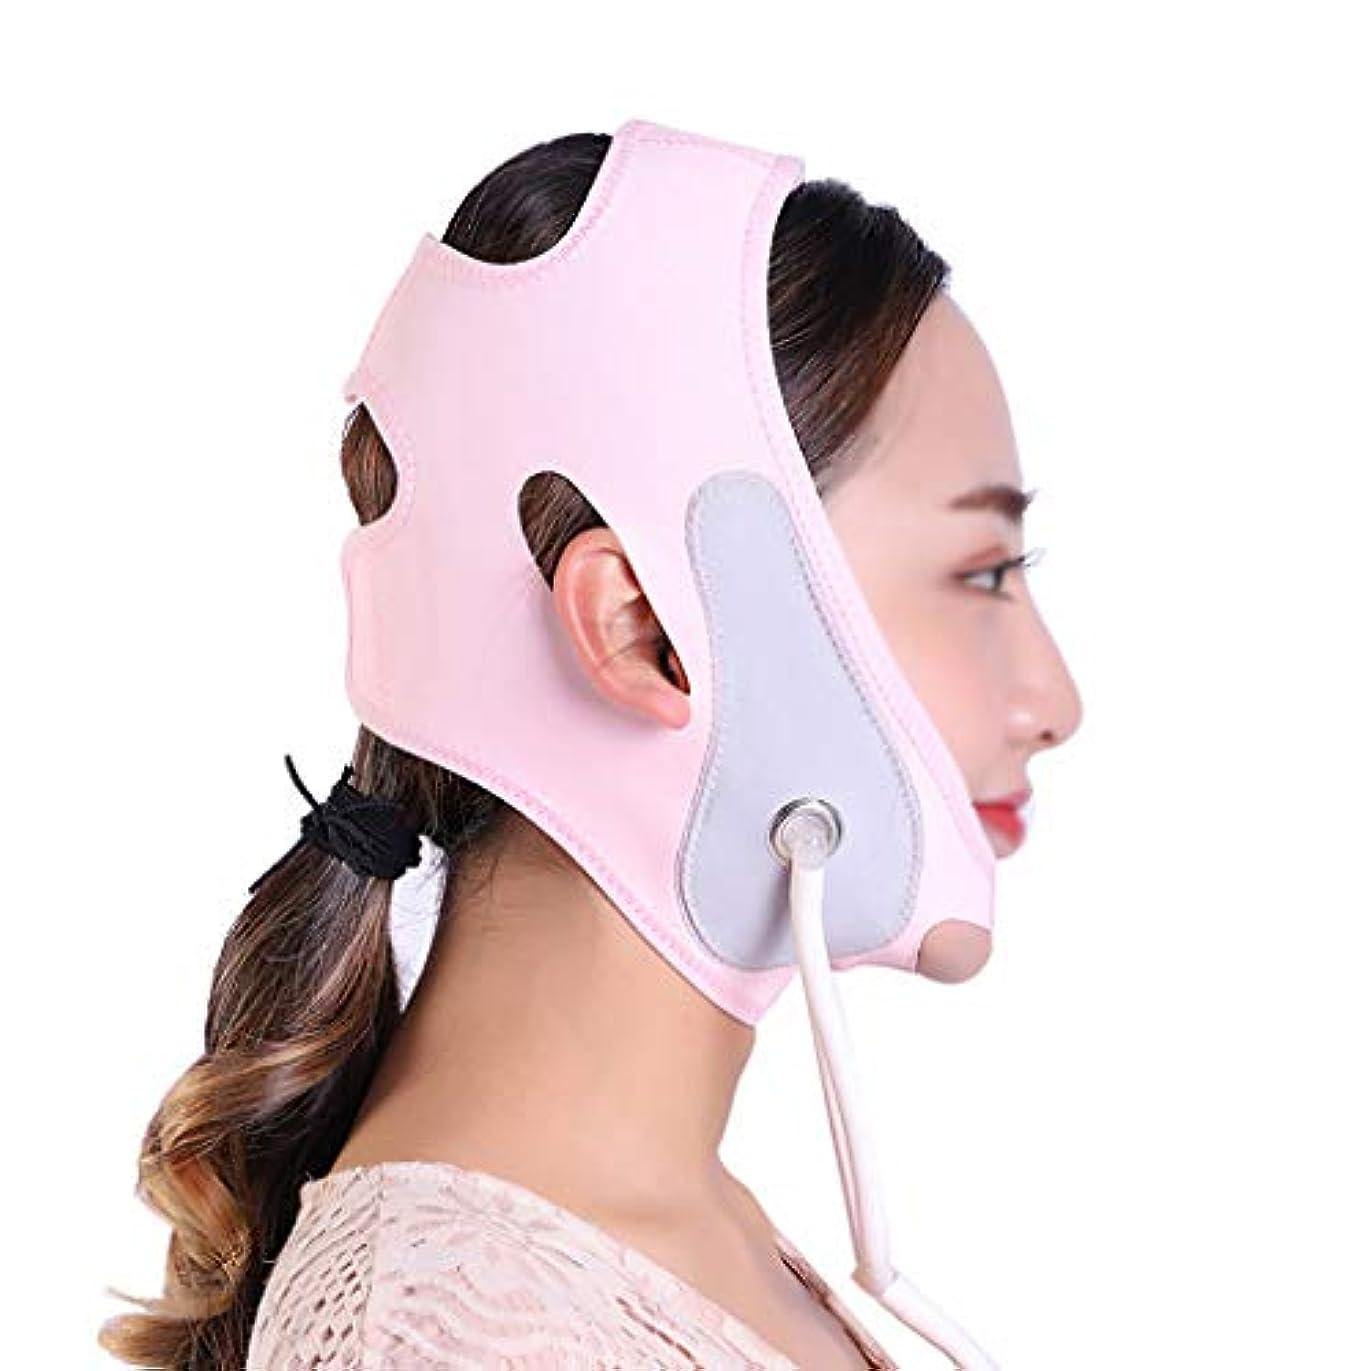 喜んでアルファベットトライアスロン顔と首のリフト後伸縮性のある袖の薄い顔のマスクの引き締めの改善咬筋の伸縮性のある薄い顔の弾性の包帯V顔のアーティファクト